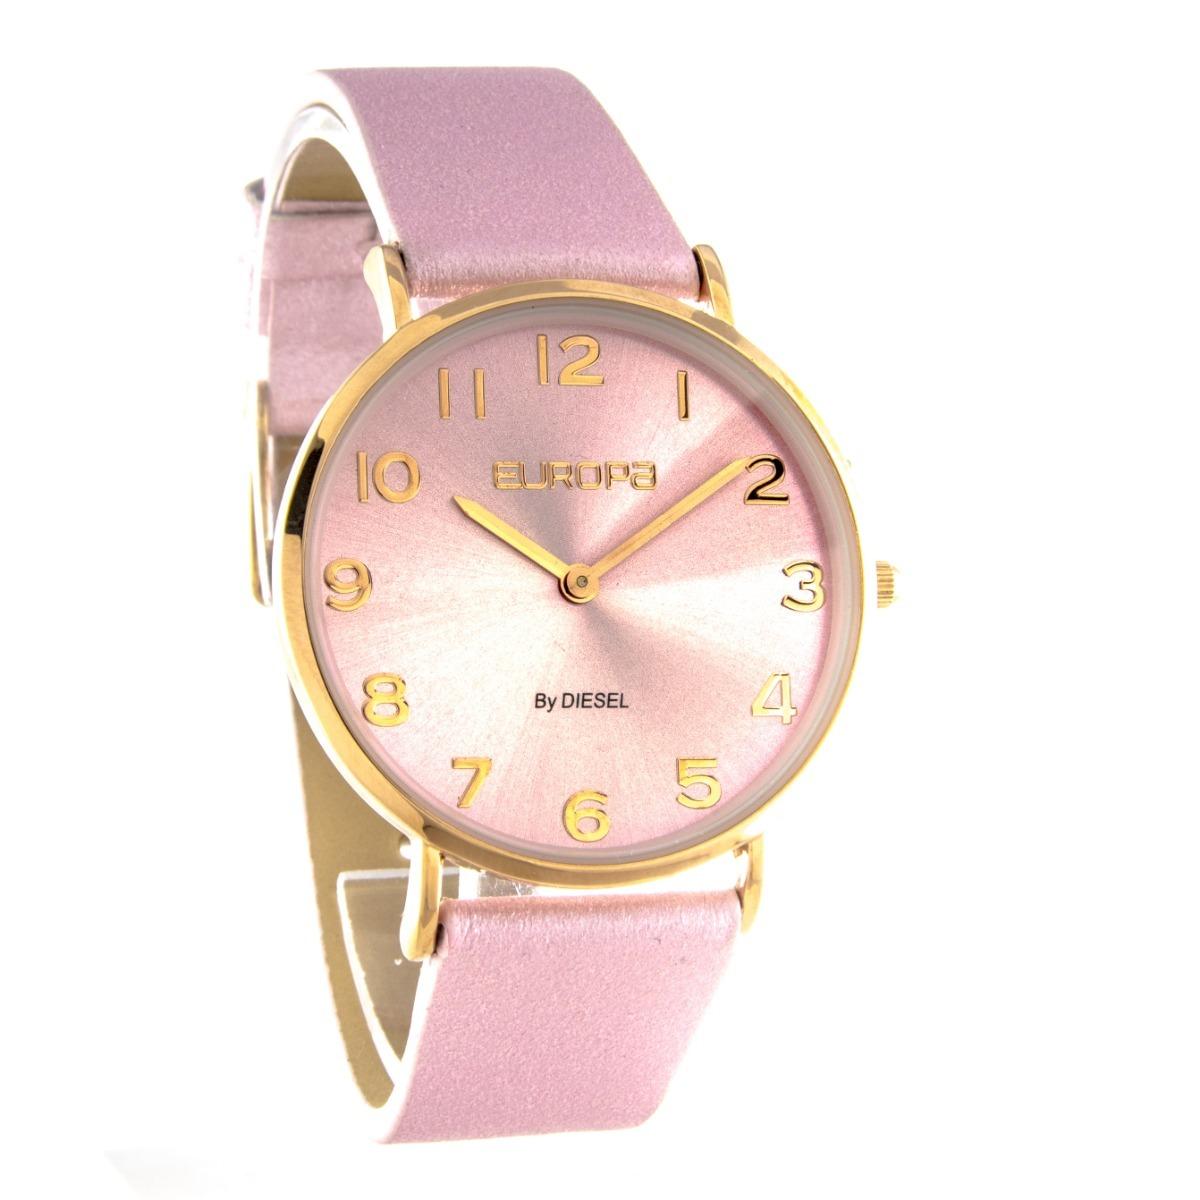 2f8b876c07c5 reloj europa by diesel mujer 4000 glitter cuero fashion dama. Cargando zoom.